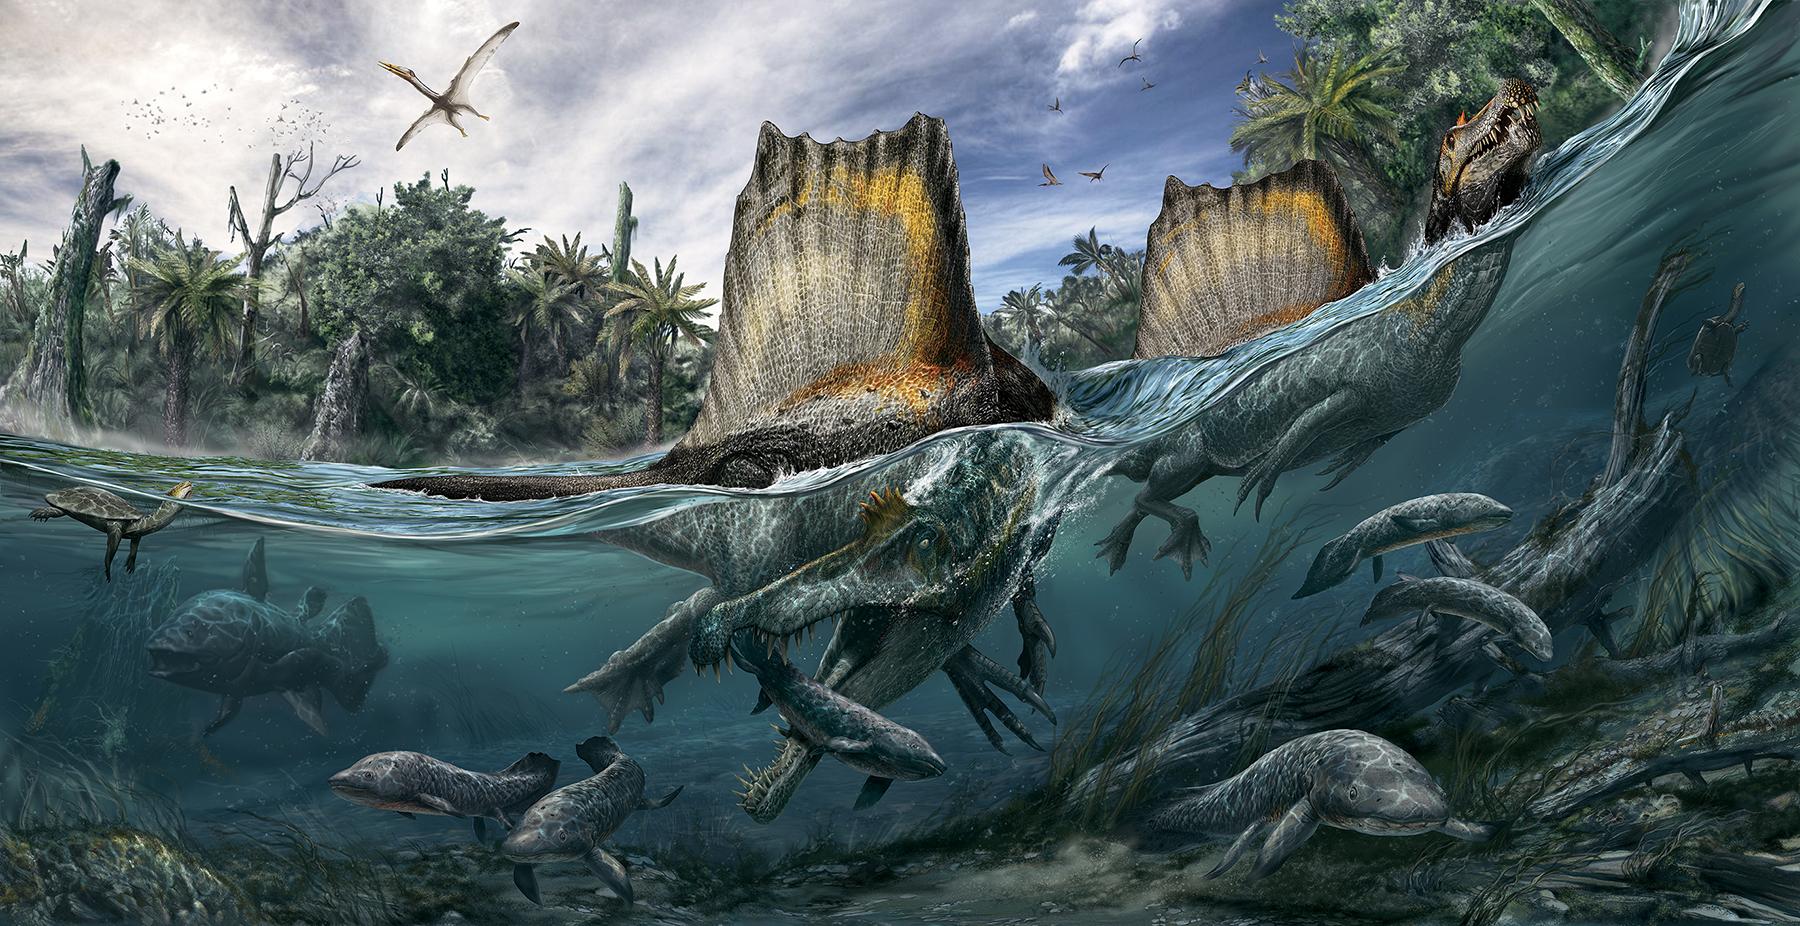 Reconoces a estos dinosaurios?